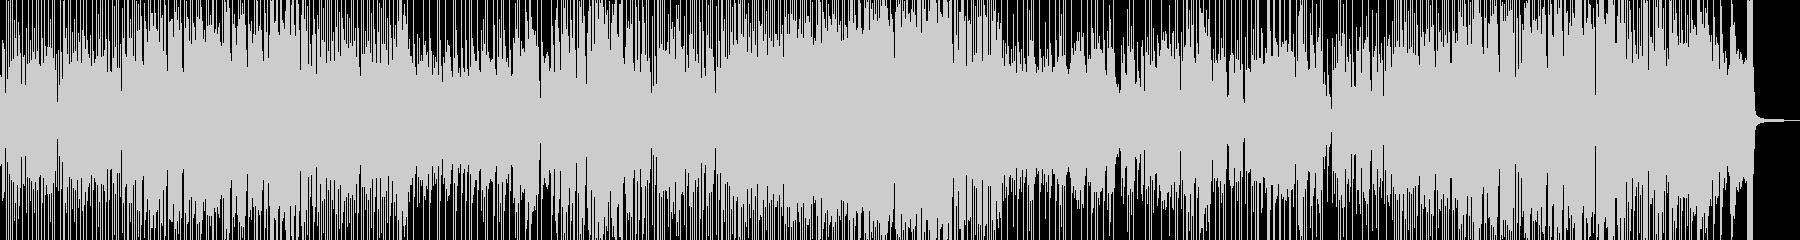 ピクニック気分・ブラスジャズポップ +の未再生の波形